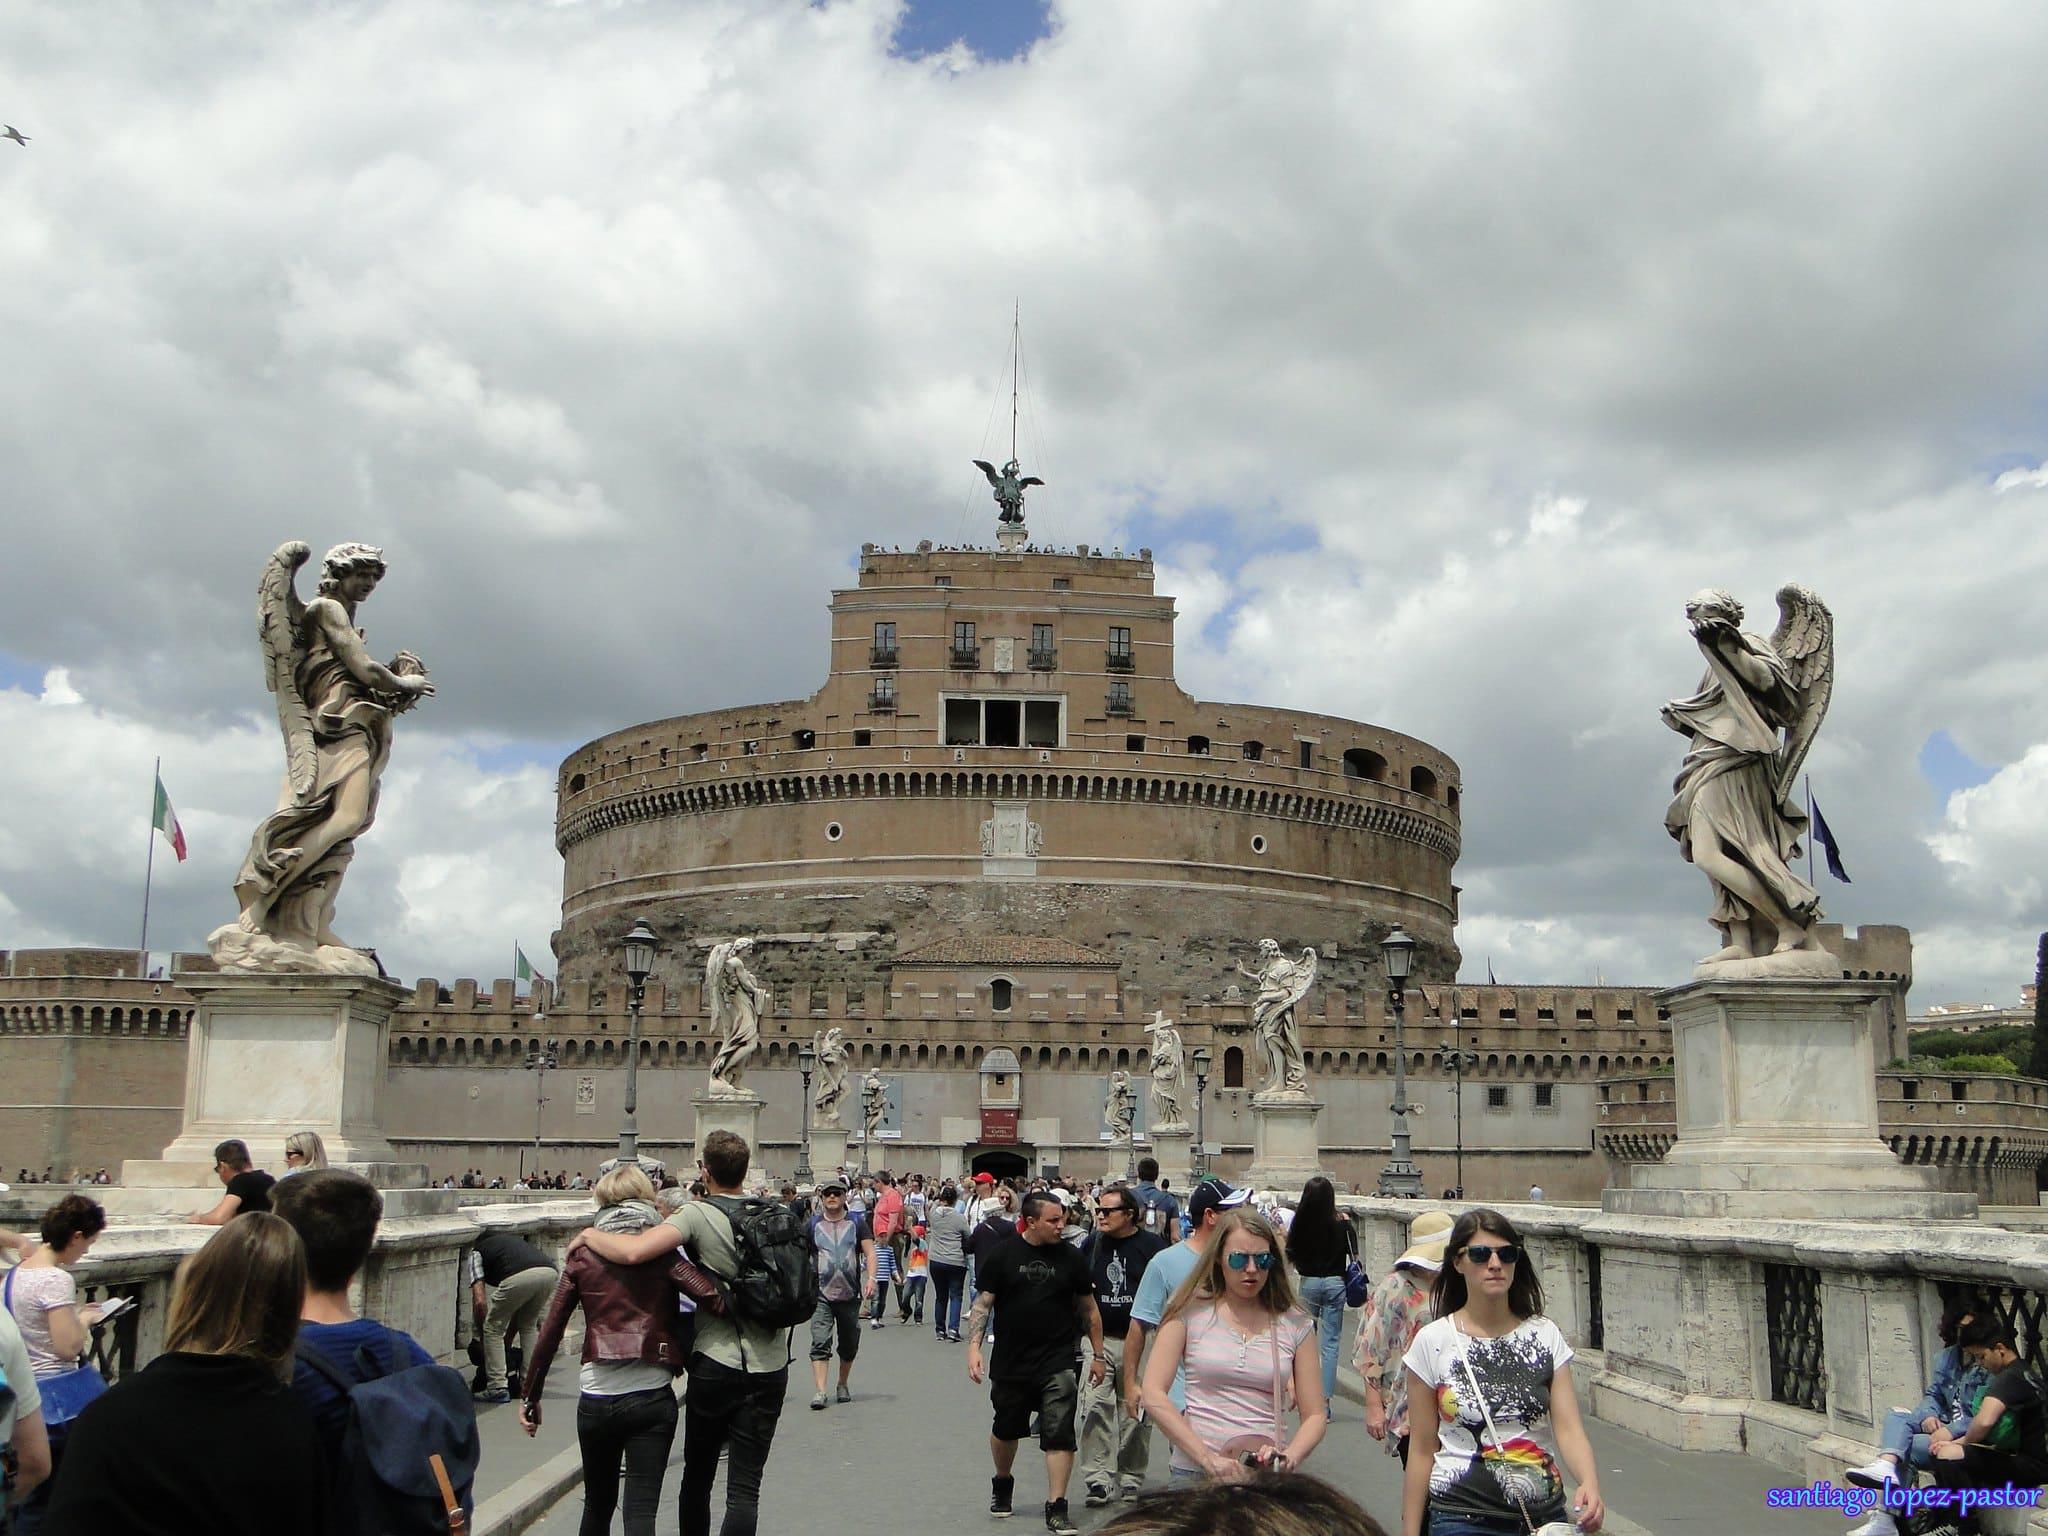 Castel Sant'angelo, tra le cose principali da vedere a roma